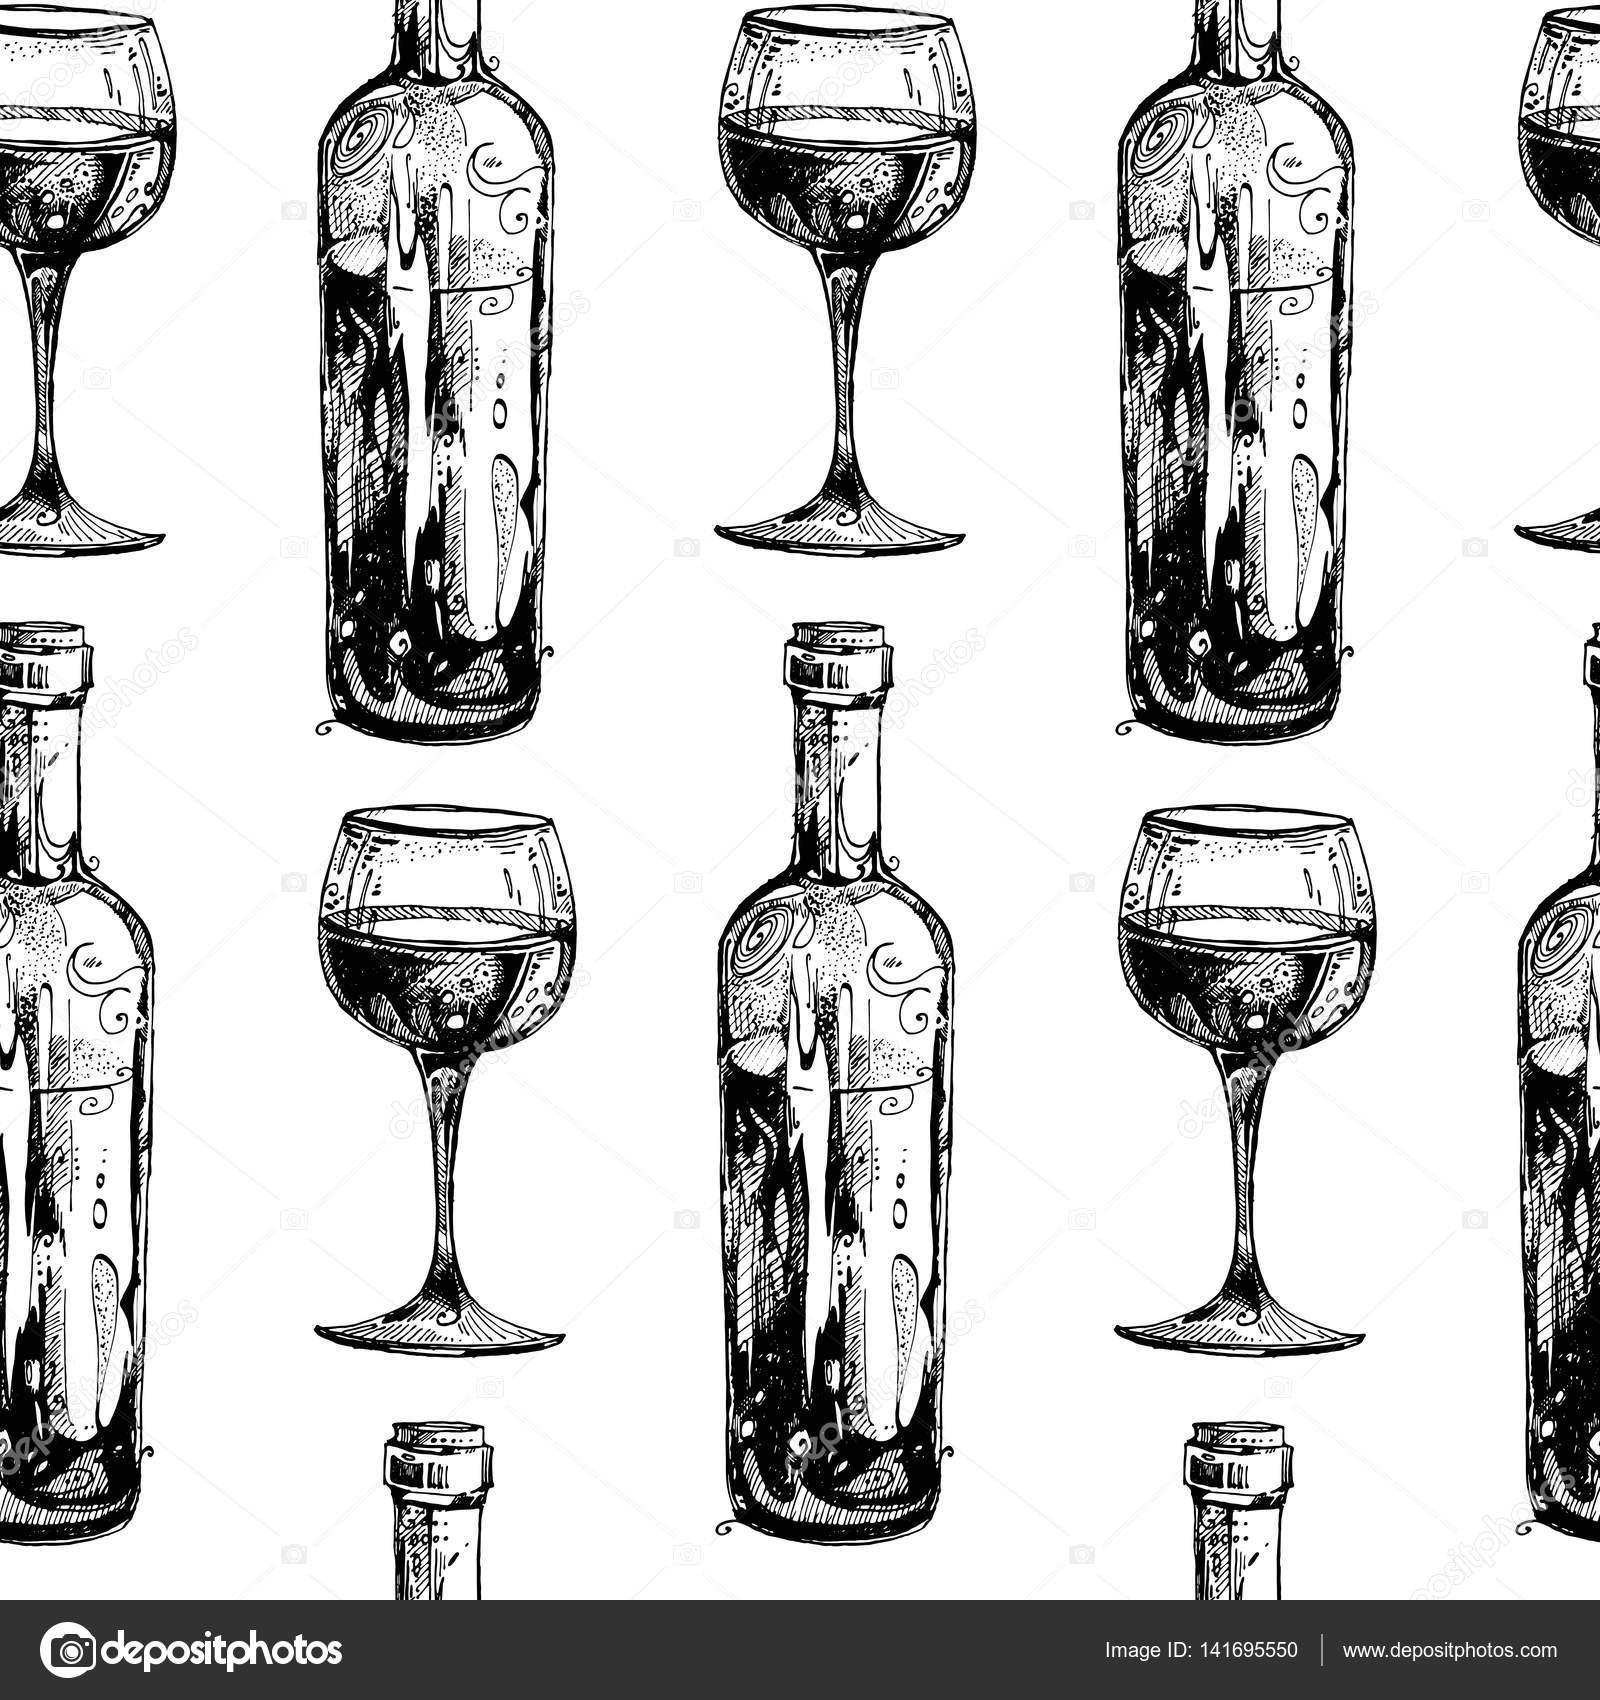 texture transparente  une bouteille de vin  verre  u00e0 vin  motif r u00e9p u00e9t u00e9  u2014 image vectorielle